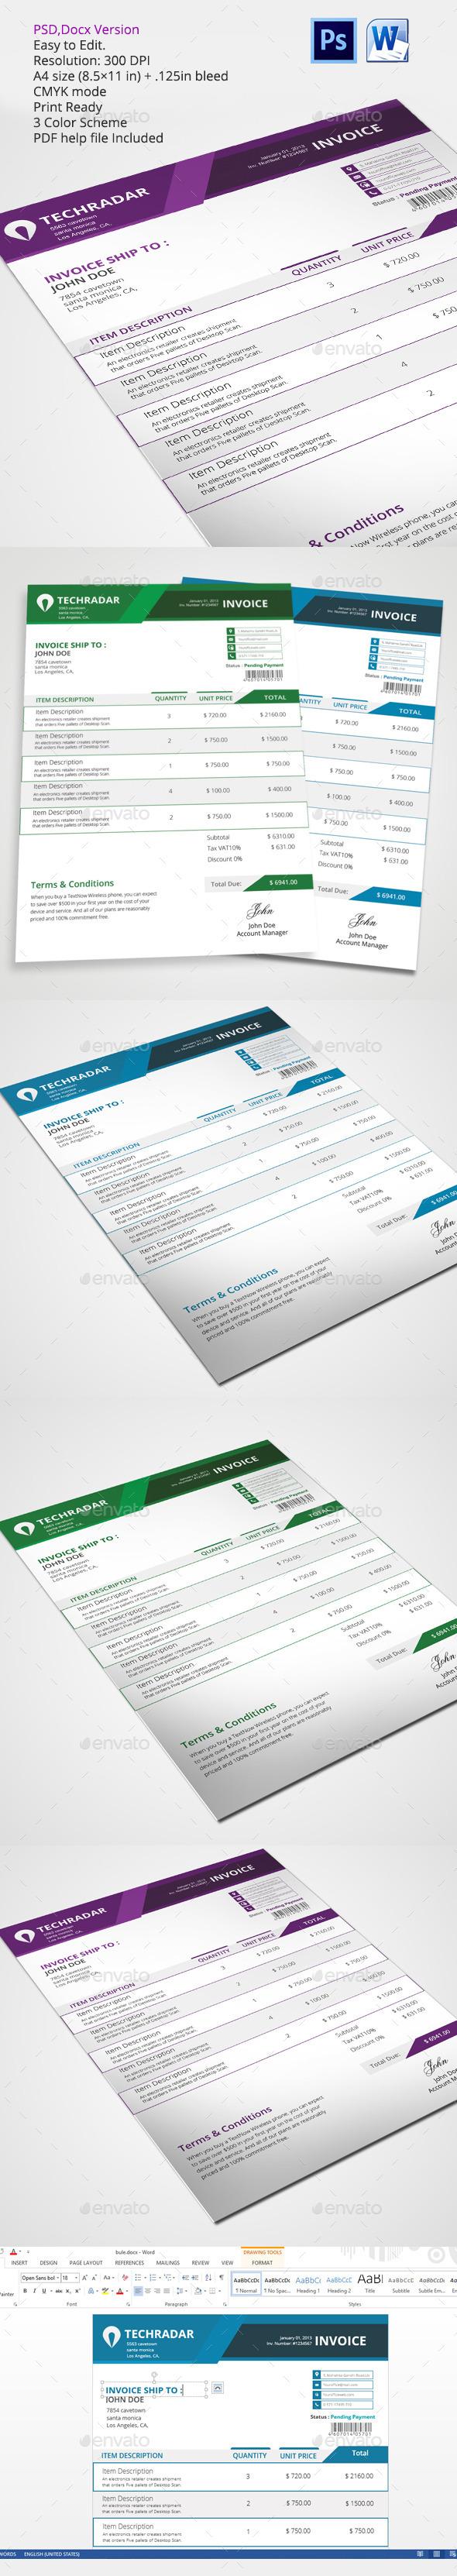 GraphicRiver invoice template 11003953